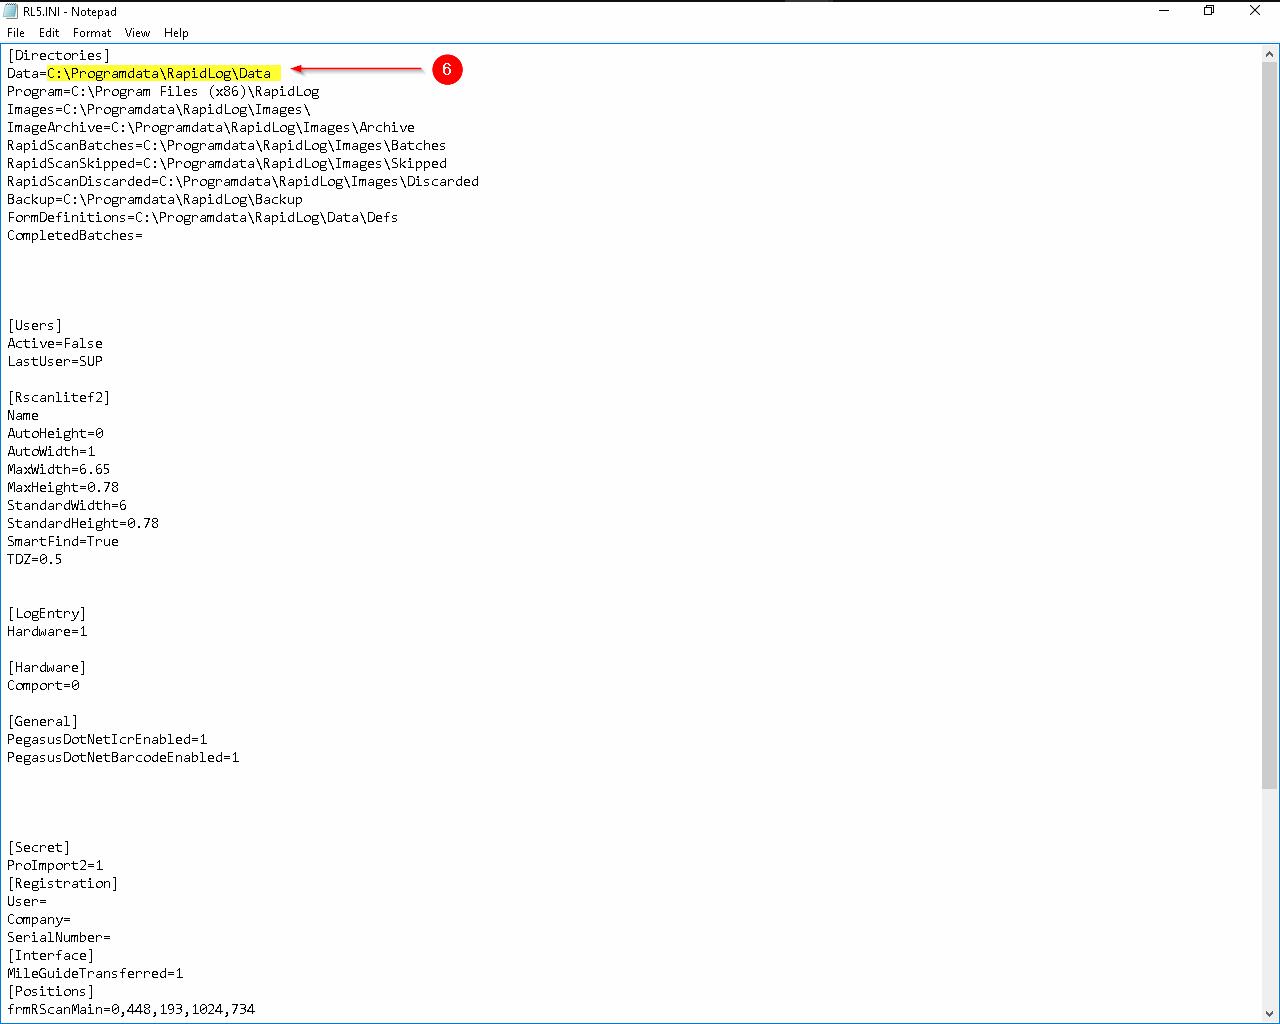 ThreatExpert s awareness of the file ckldrv.sys